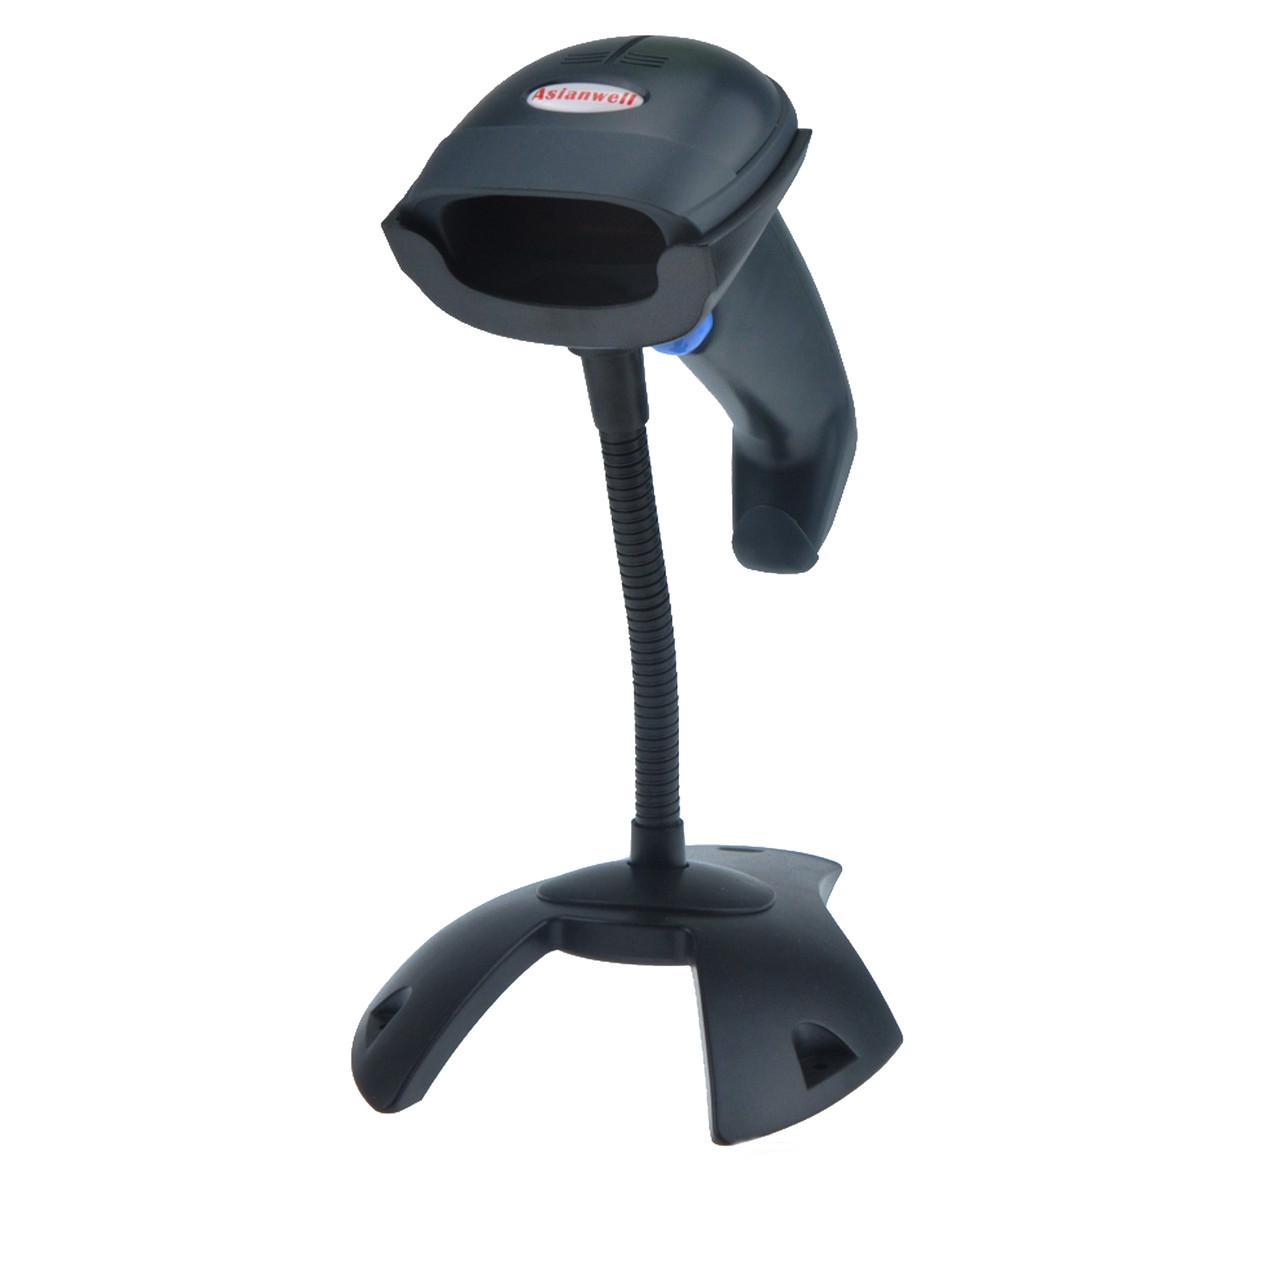 Сканер штрих-коду провідний Asianwell AW-2055 чорний (AW-2055)